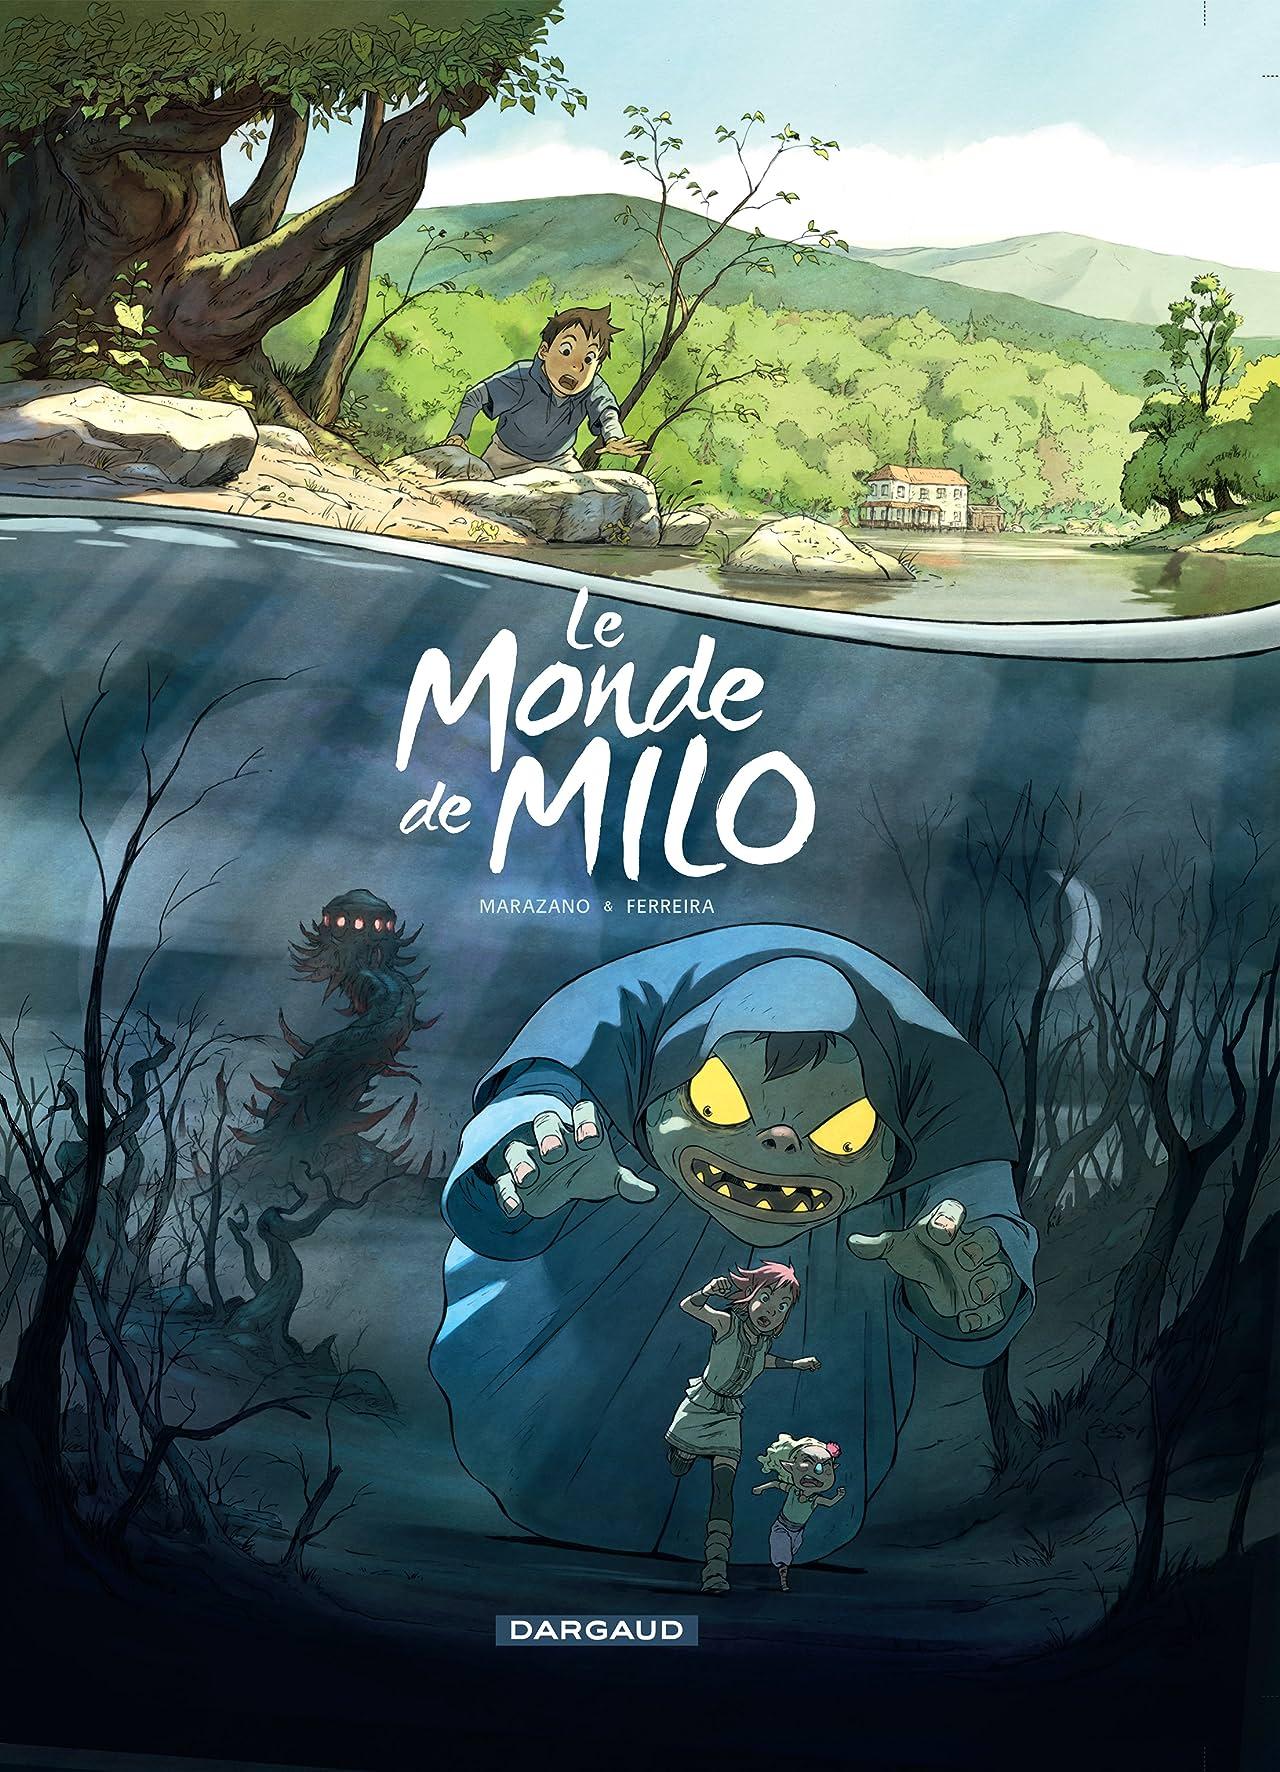 Monde de Milo (Le) Vol. 1: Le Monde de Milo (1/2)